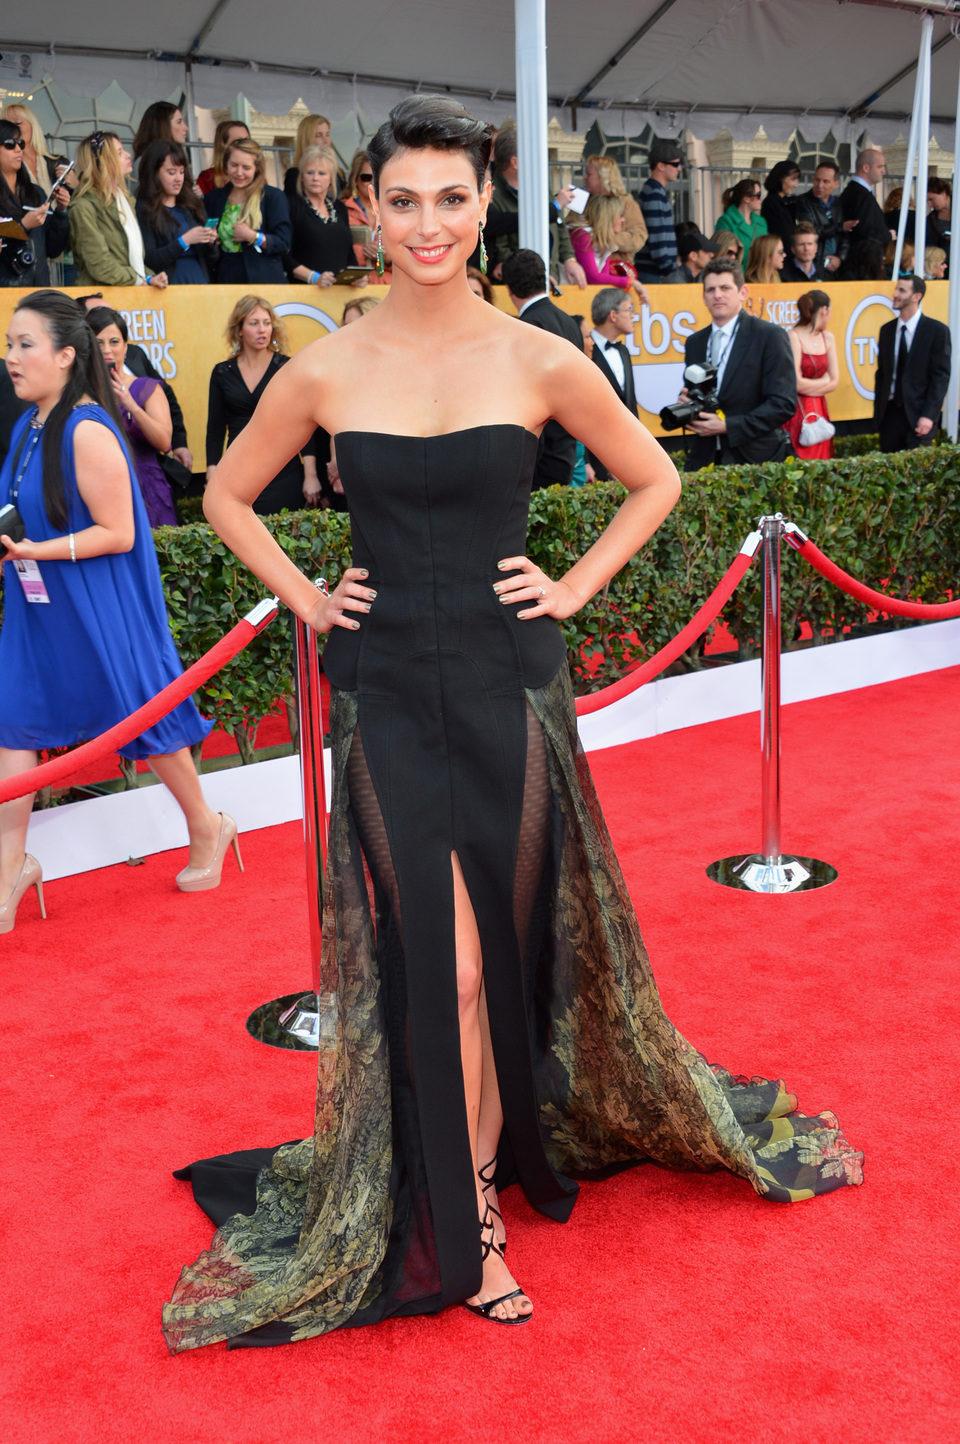 Morena Baccarin en la alfombra roja de los Screen Actors Guild Awards 2013